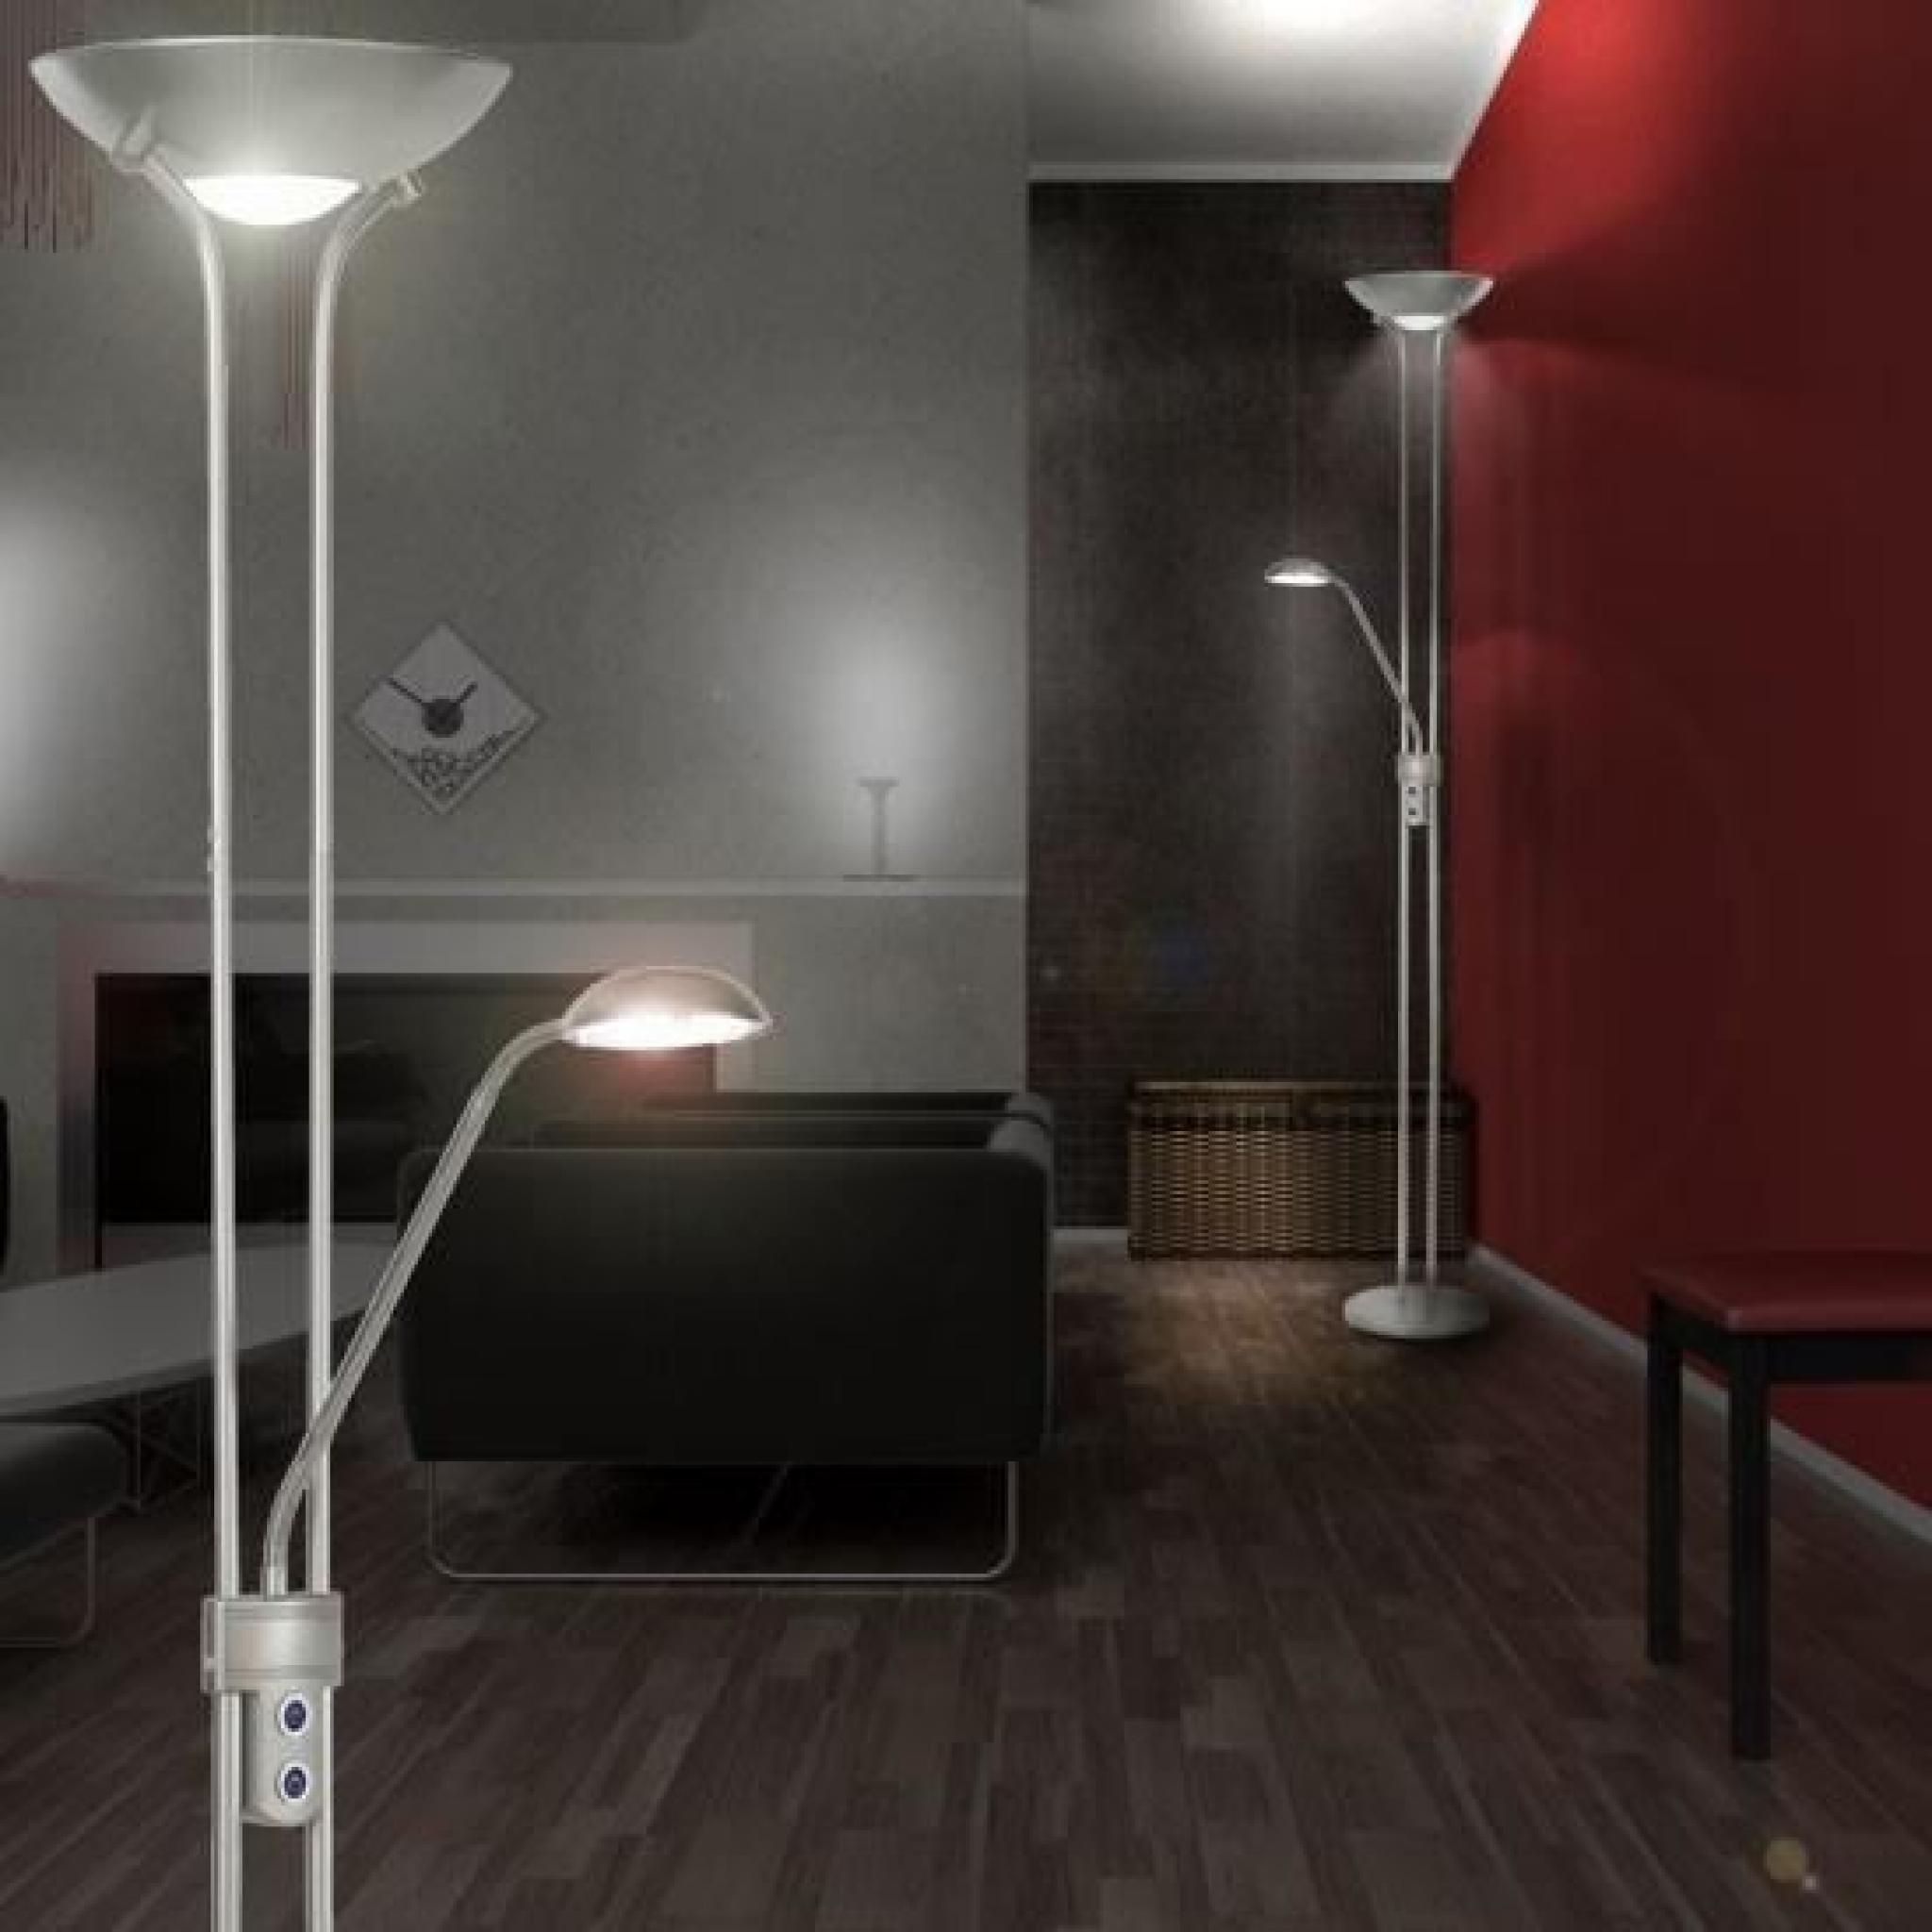 lampadaire led 25 watts luminaire spot interrupteu 4 5 Élégant Lampe Sejour Kgit4